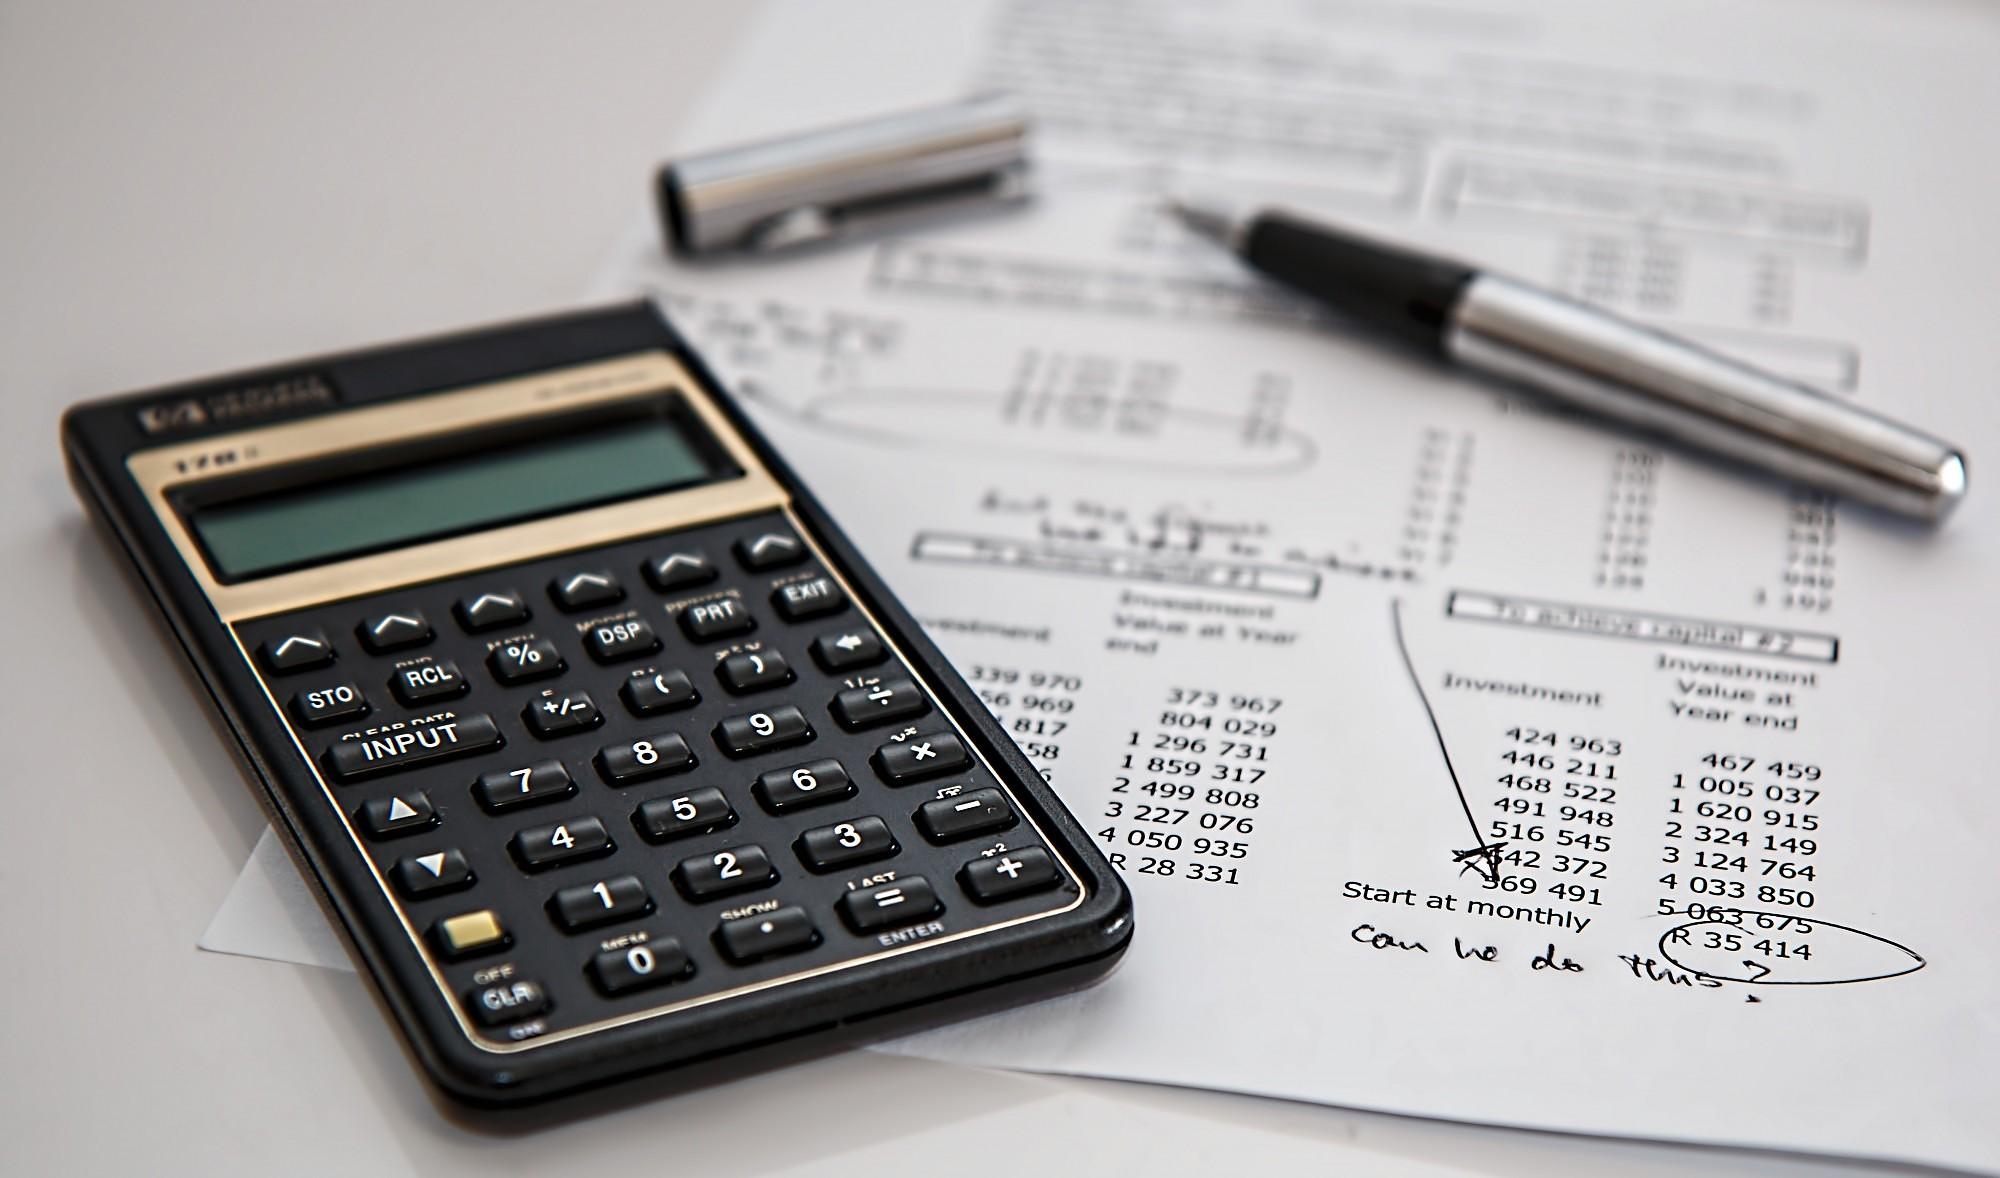 За восемь месяцев в бюджете образовался профицит в размере 596,8 млн евро